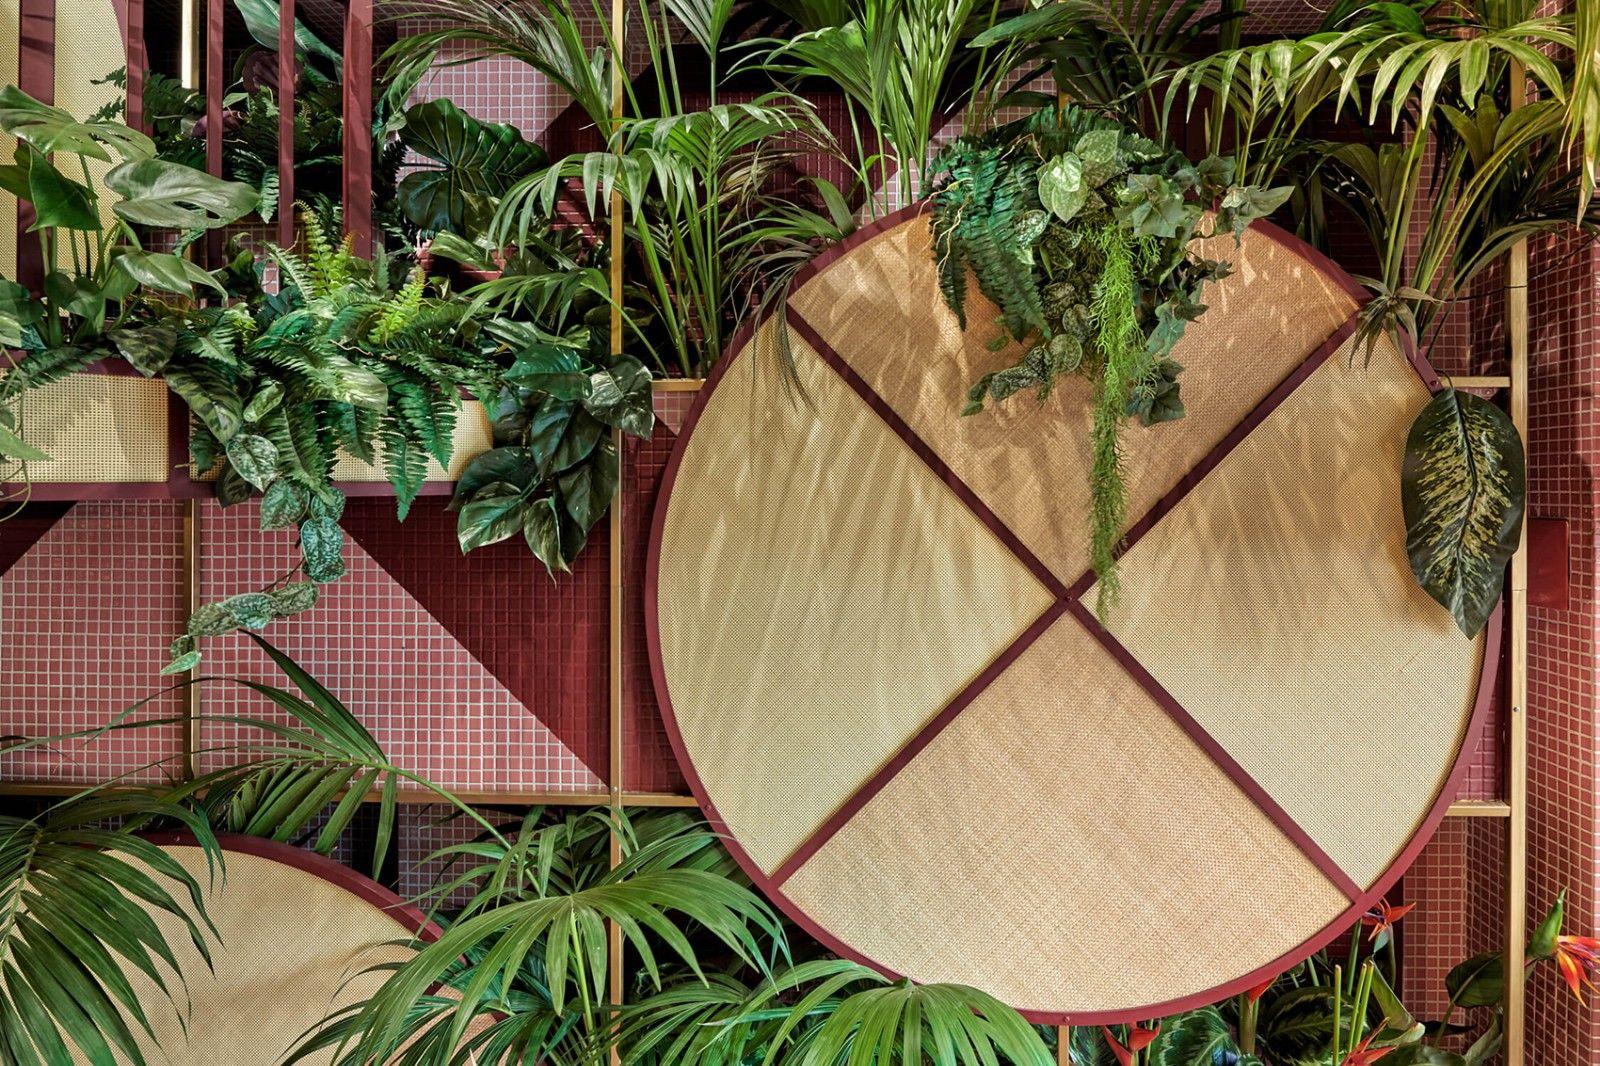 日本与巴西两种不同文化融于设计-巴伦西亚 Kaikaya 餐厅   Masquespacio